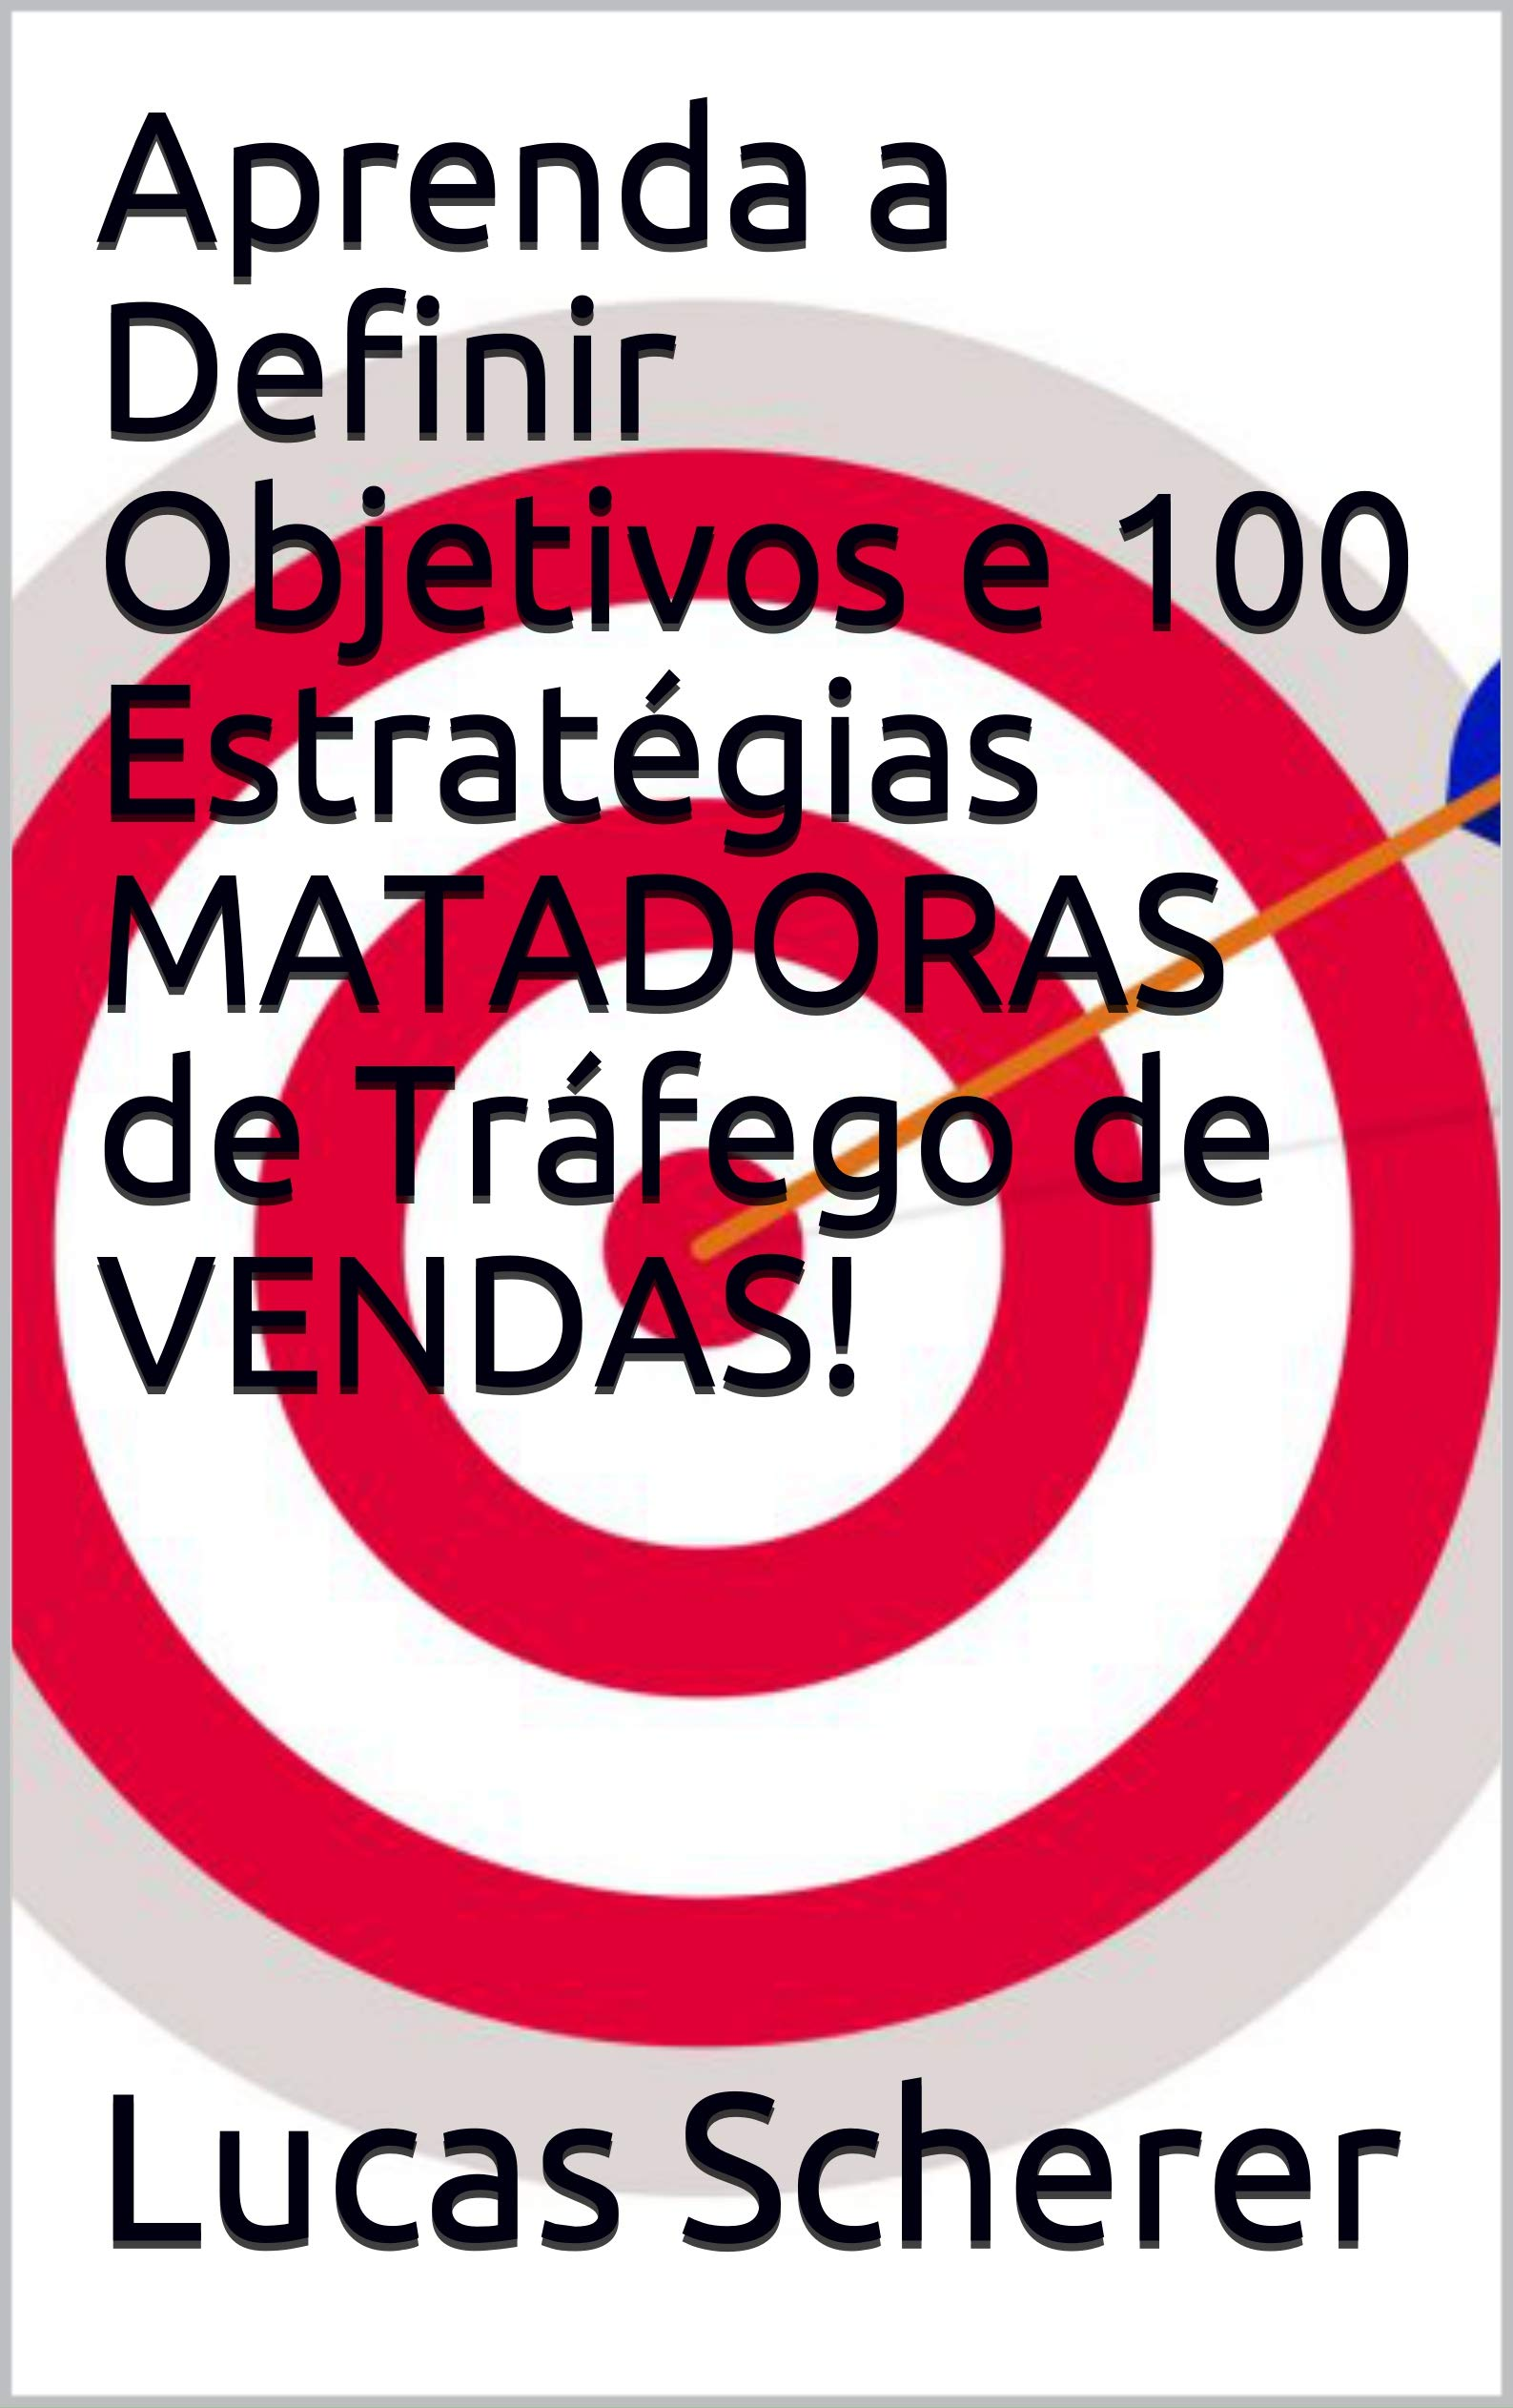 Aprenda a Definir Objetivos e 100 Estratégias MATADORAS de Tráfego de VENDAS! (Portuguese Edition)